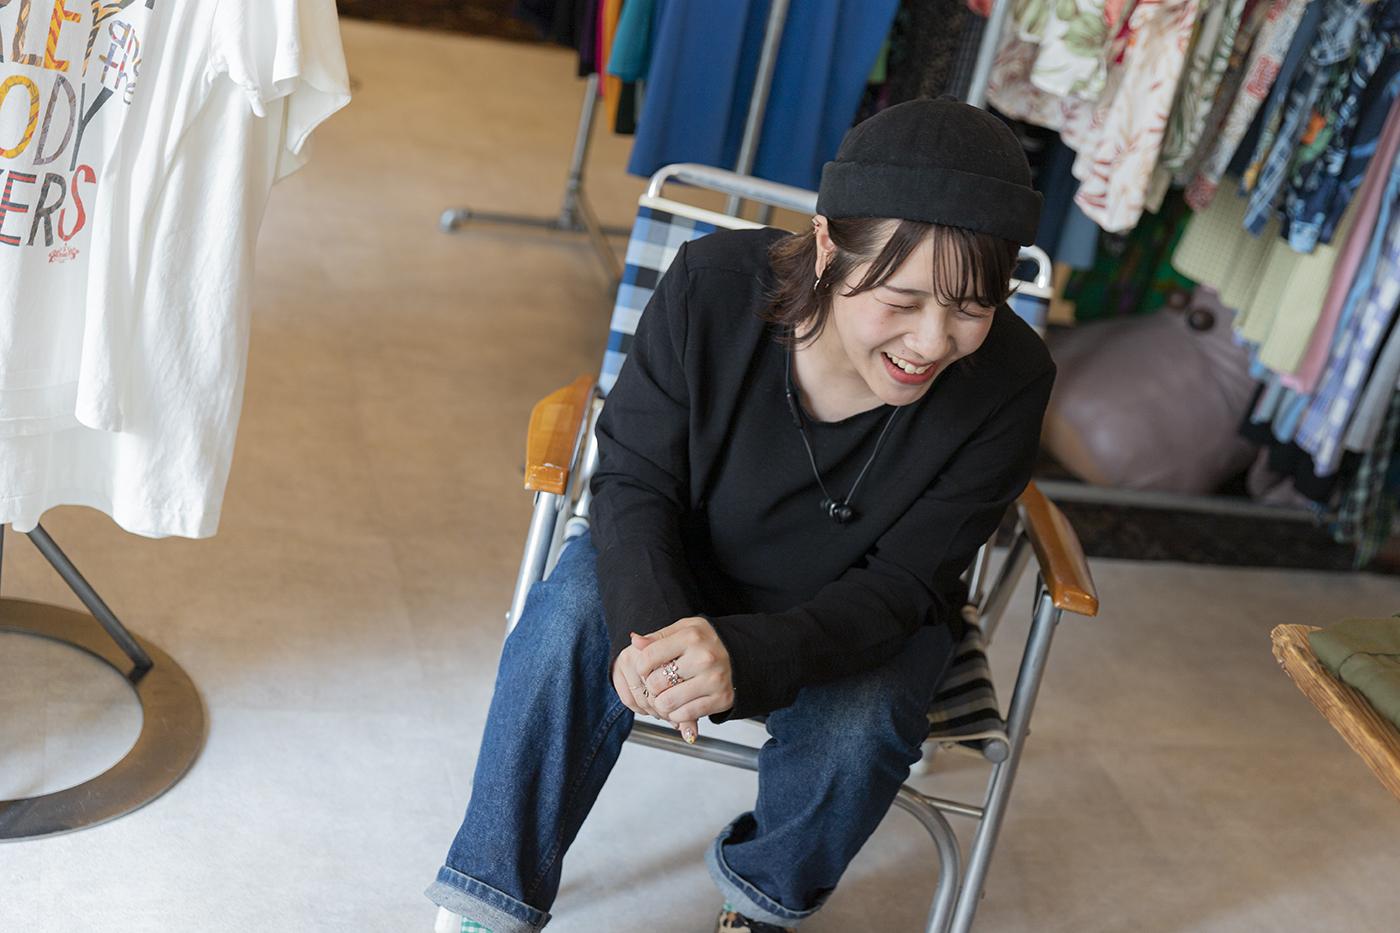 少し伏し目がちな椅子に座った亀井桃さんの写真